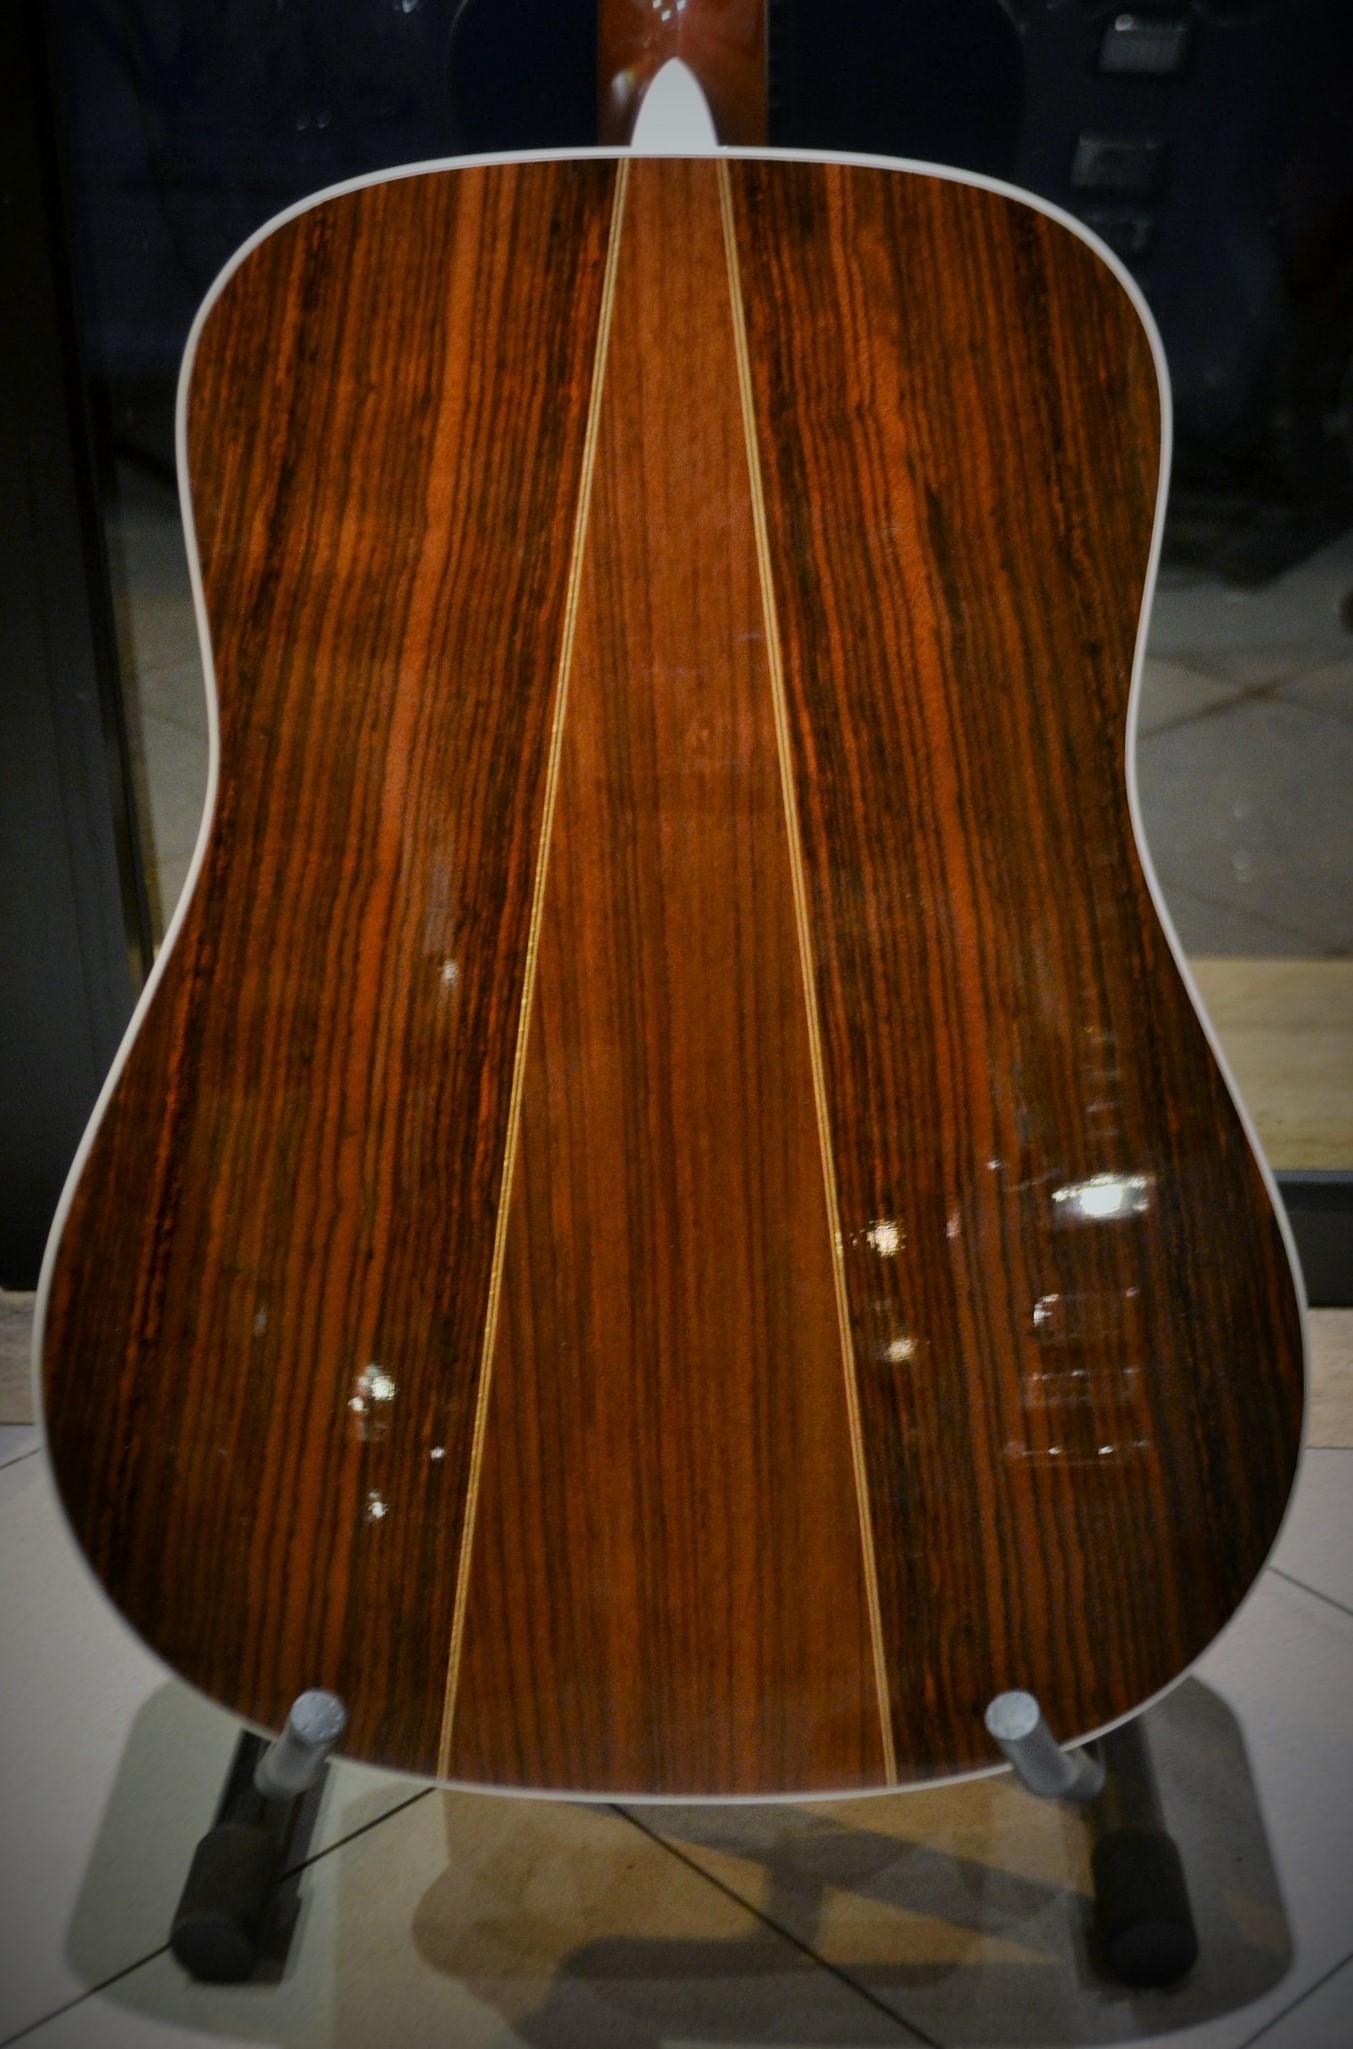 martin d35 sunburst 2013 sunburst guitar for sale rome vintage guitars. Black Bedroom Furniture Sets. Home Design Ideas